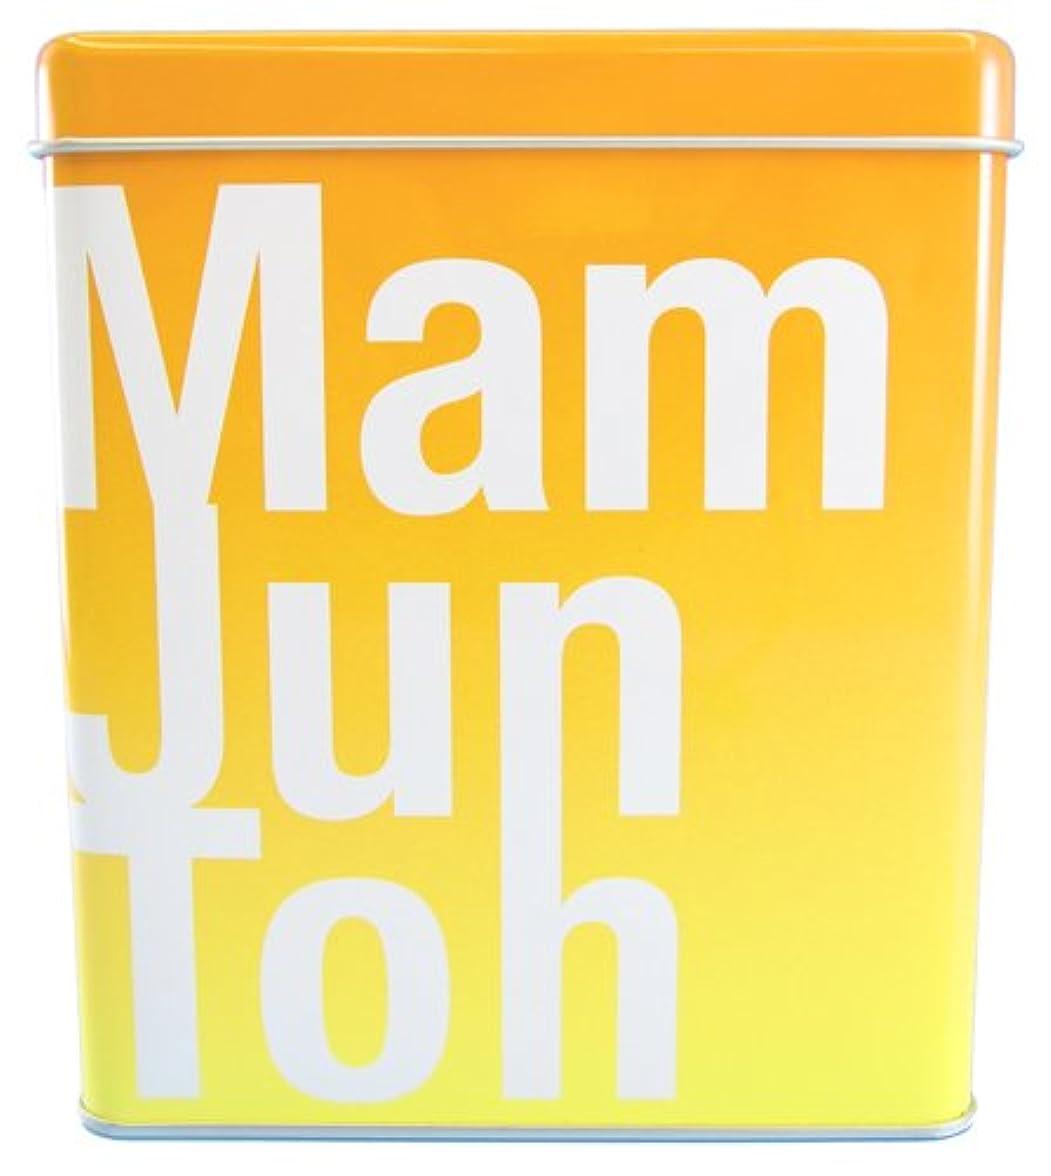 ジュラシックパーク山積みのマイクロフォン蔓潤湯 椿 パラダイス山元責任監修 薬用入浴剤 天然ビターオレンジの香り 750g